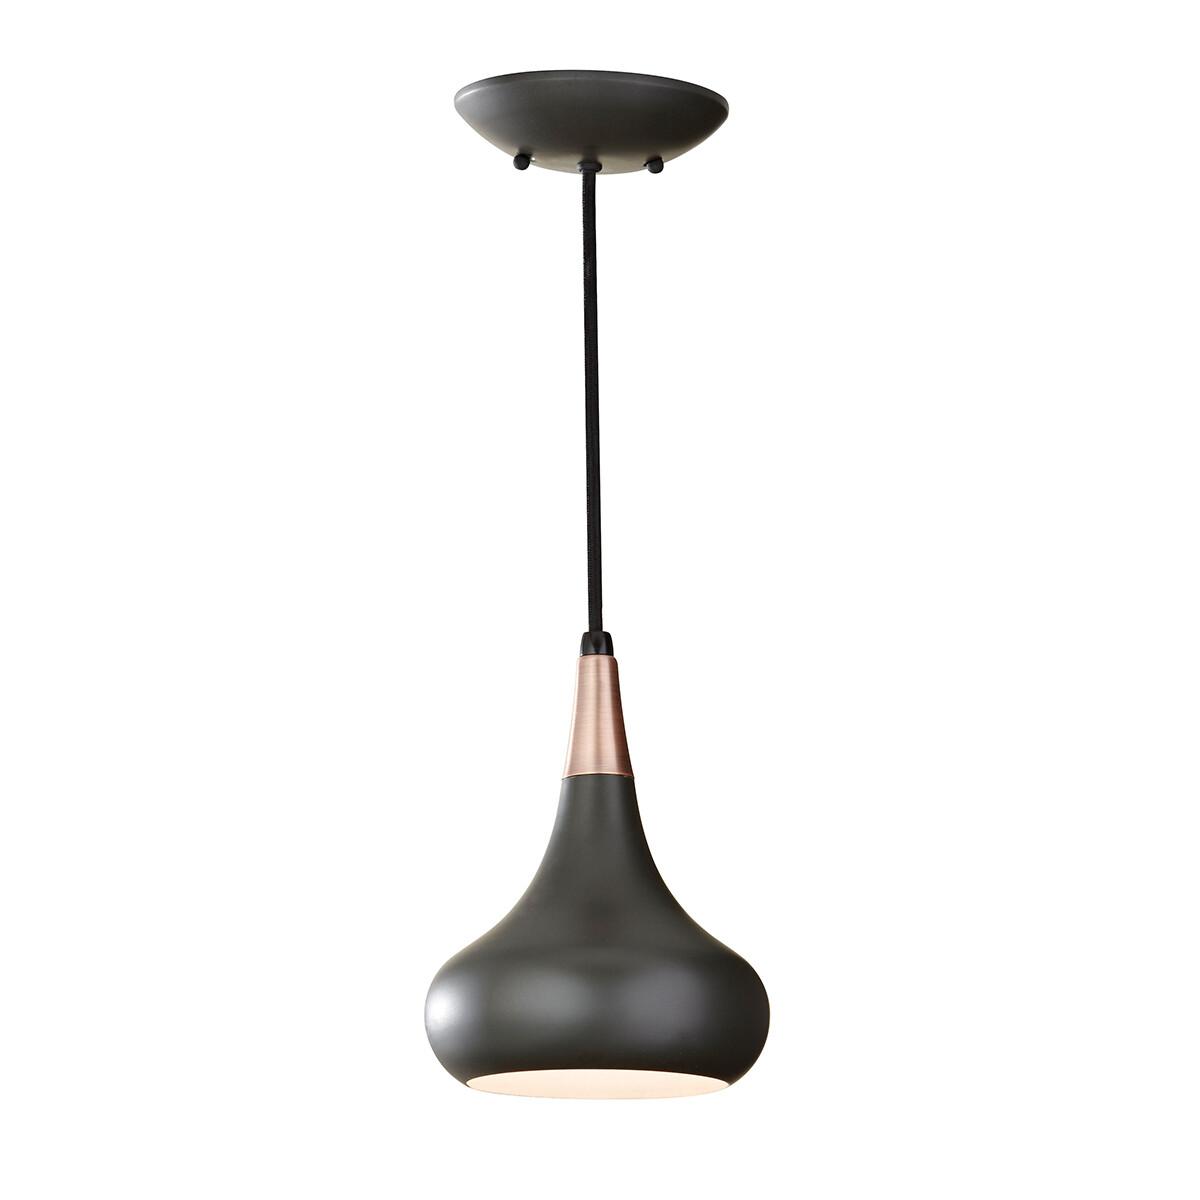 Feiss Beso 1 Light Mini Pendant – Dark Bronze